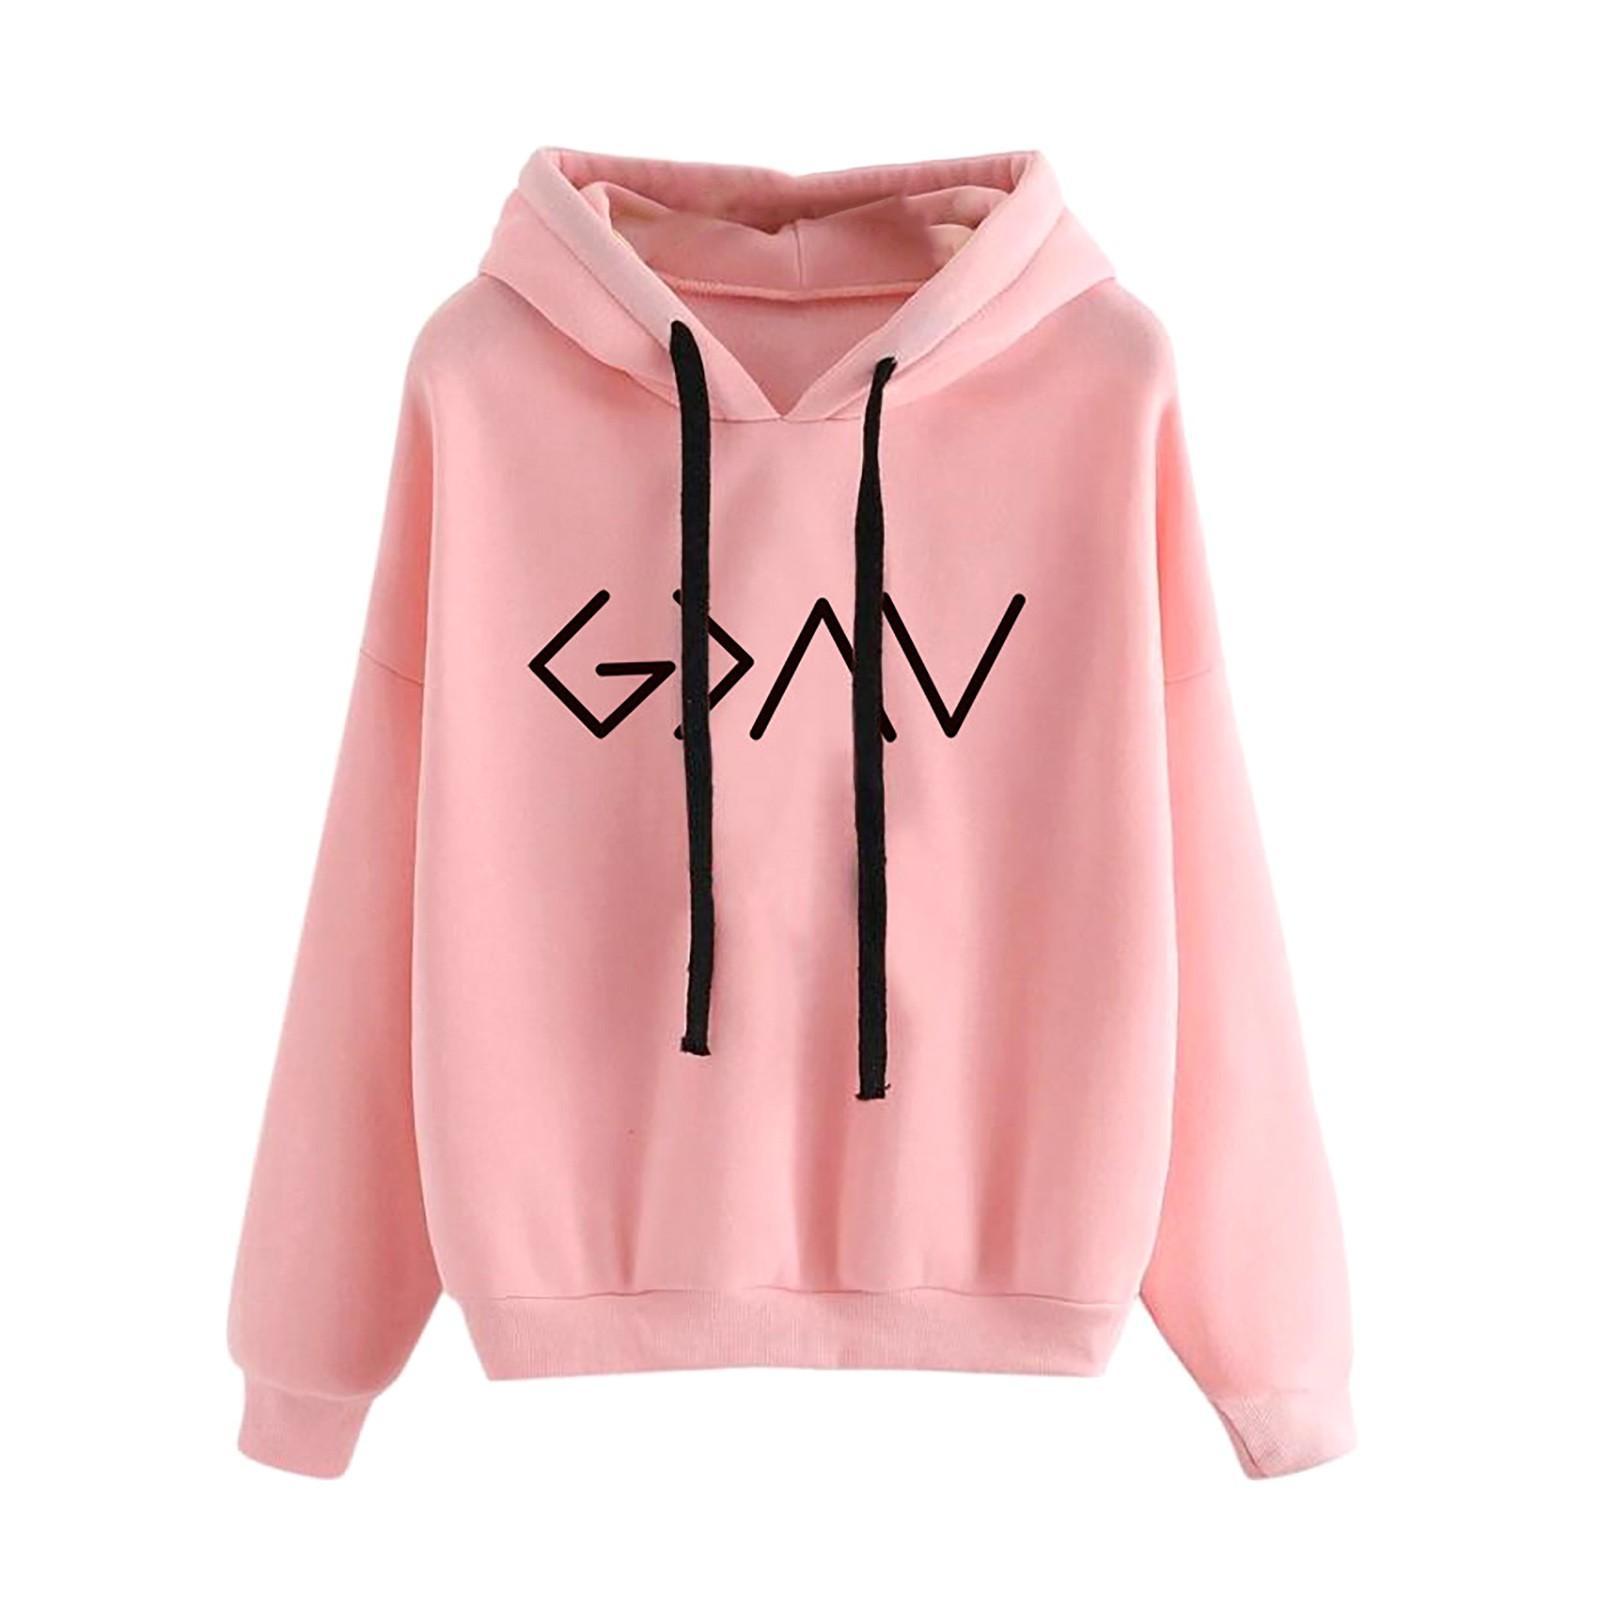 Roupas de inverno mulheres novidade moda outono hoodie moletom pullover tops de mangas compridas confortável